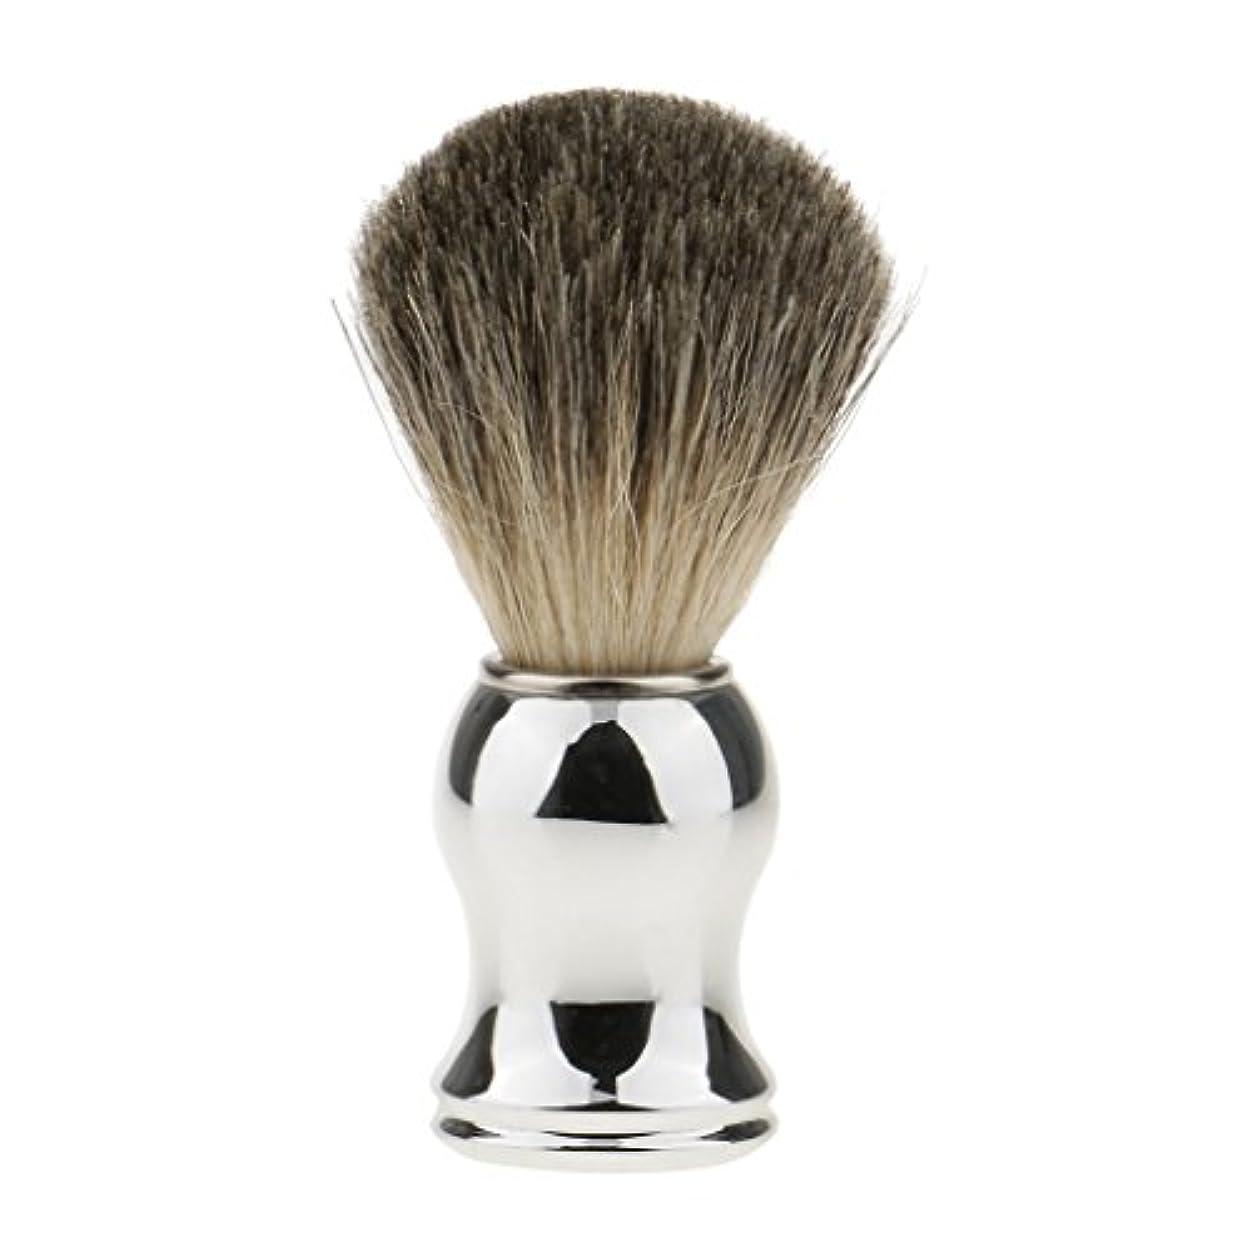 トラップケーキ症候群Hellery ひげブラシ シェービング ブラシ メンズ 理容 洗顔 髭剃り 泡立ち 11.2cm 全2色 - シルバーハンドル